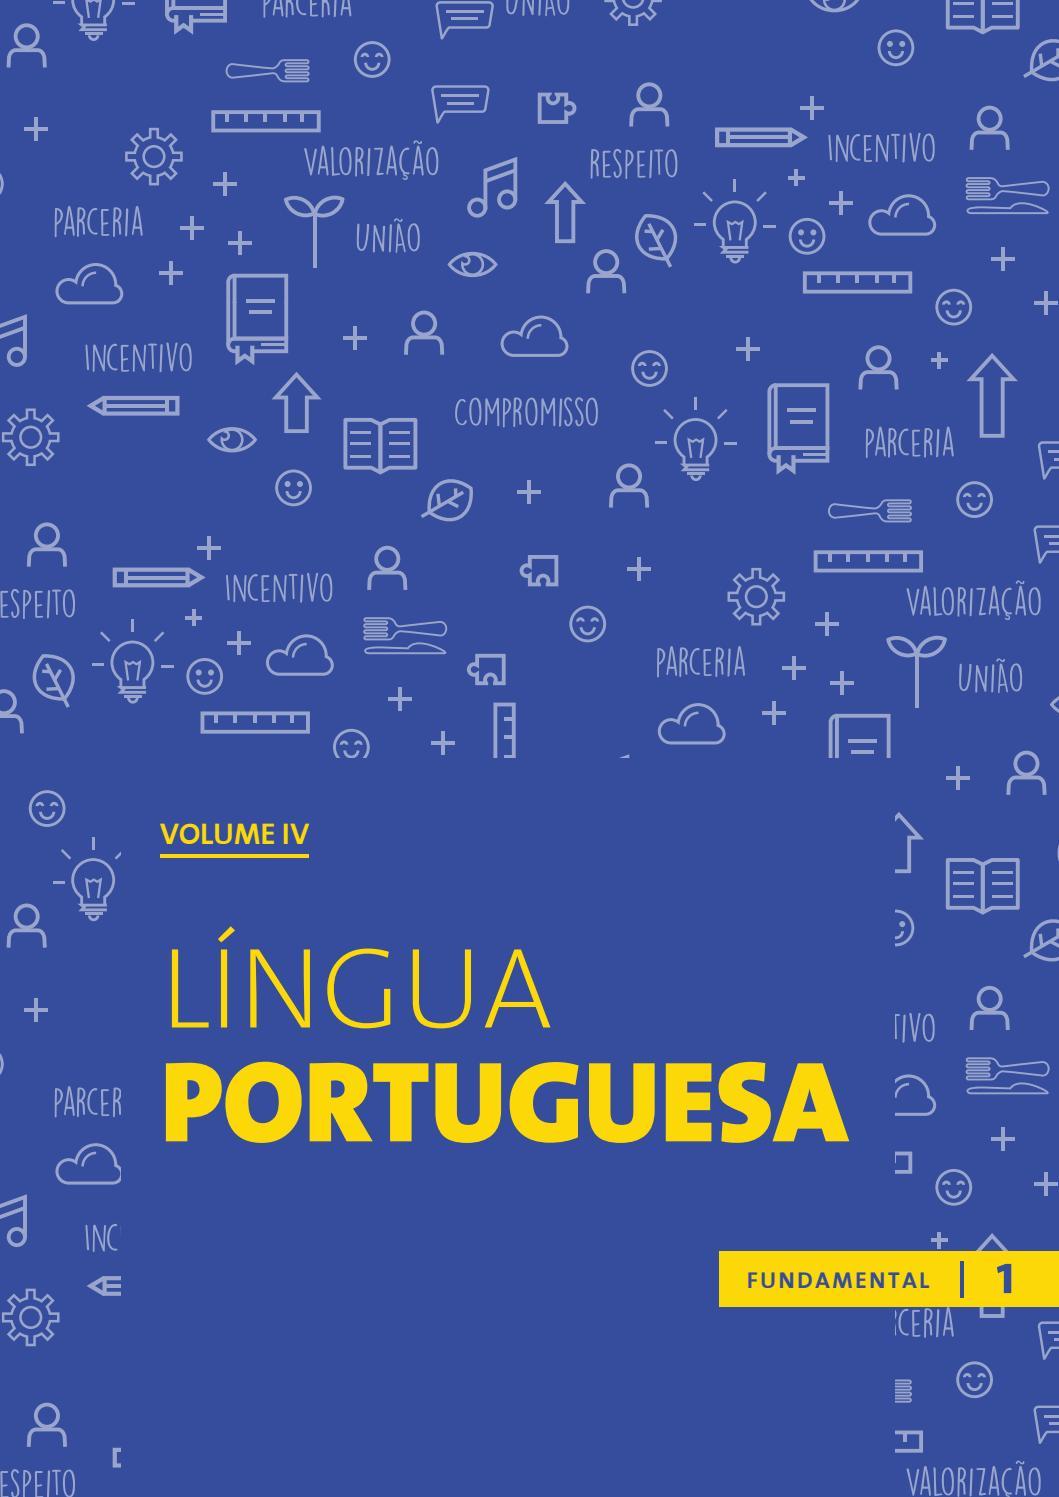 Língua Portuguesa - Fundamental 1 - v  4 by Associação Imagem